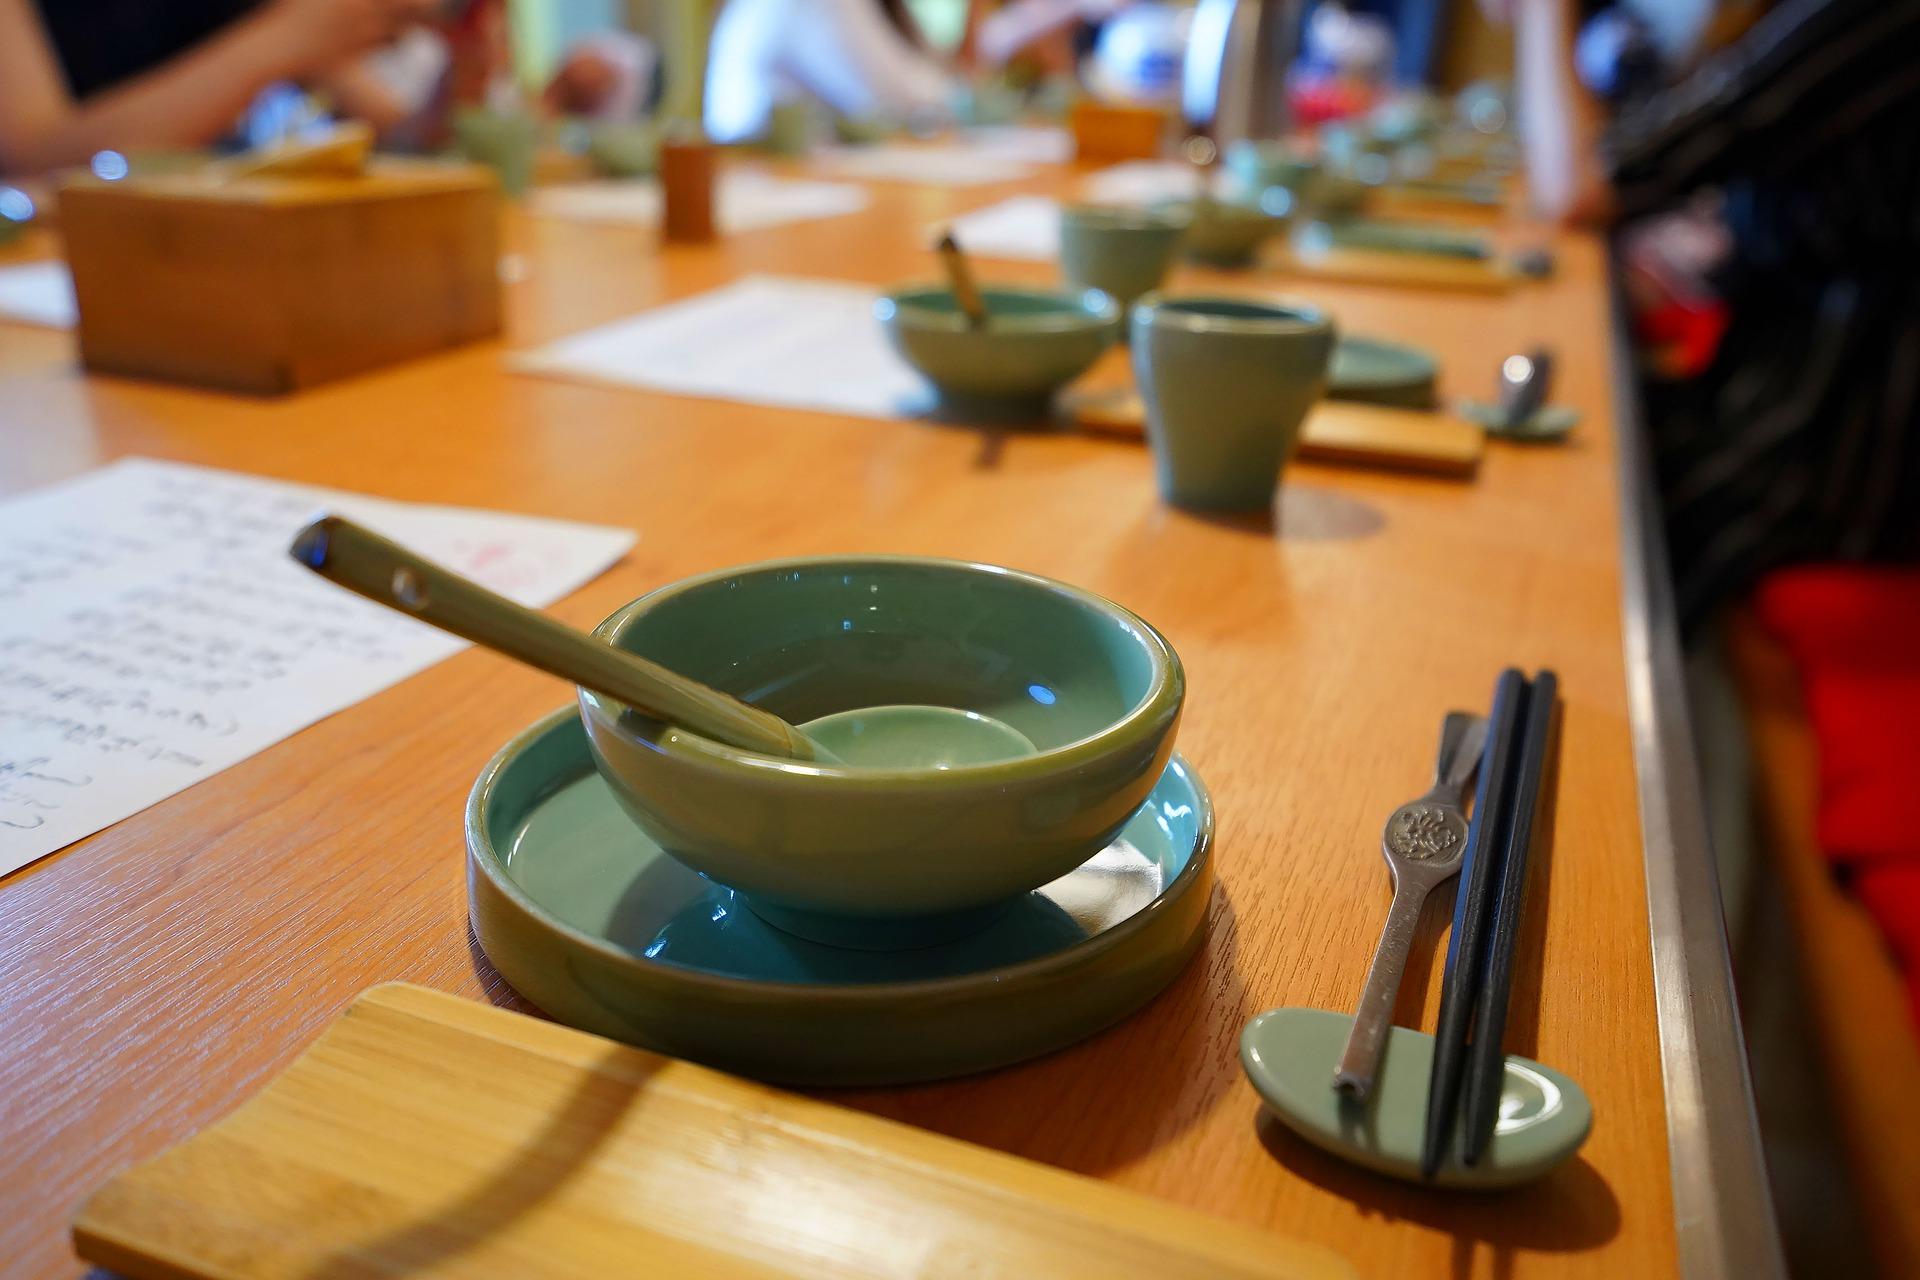 dishes table chinese - pixabay.com:de:photos:tisch-stäbchen-schüssel-löffel-4431030:.jpg